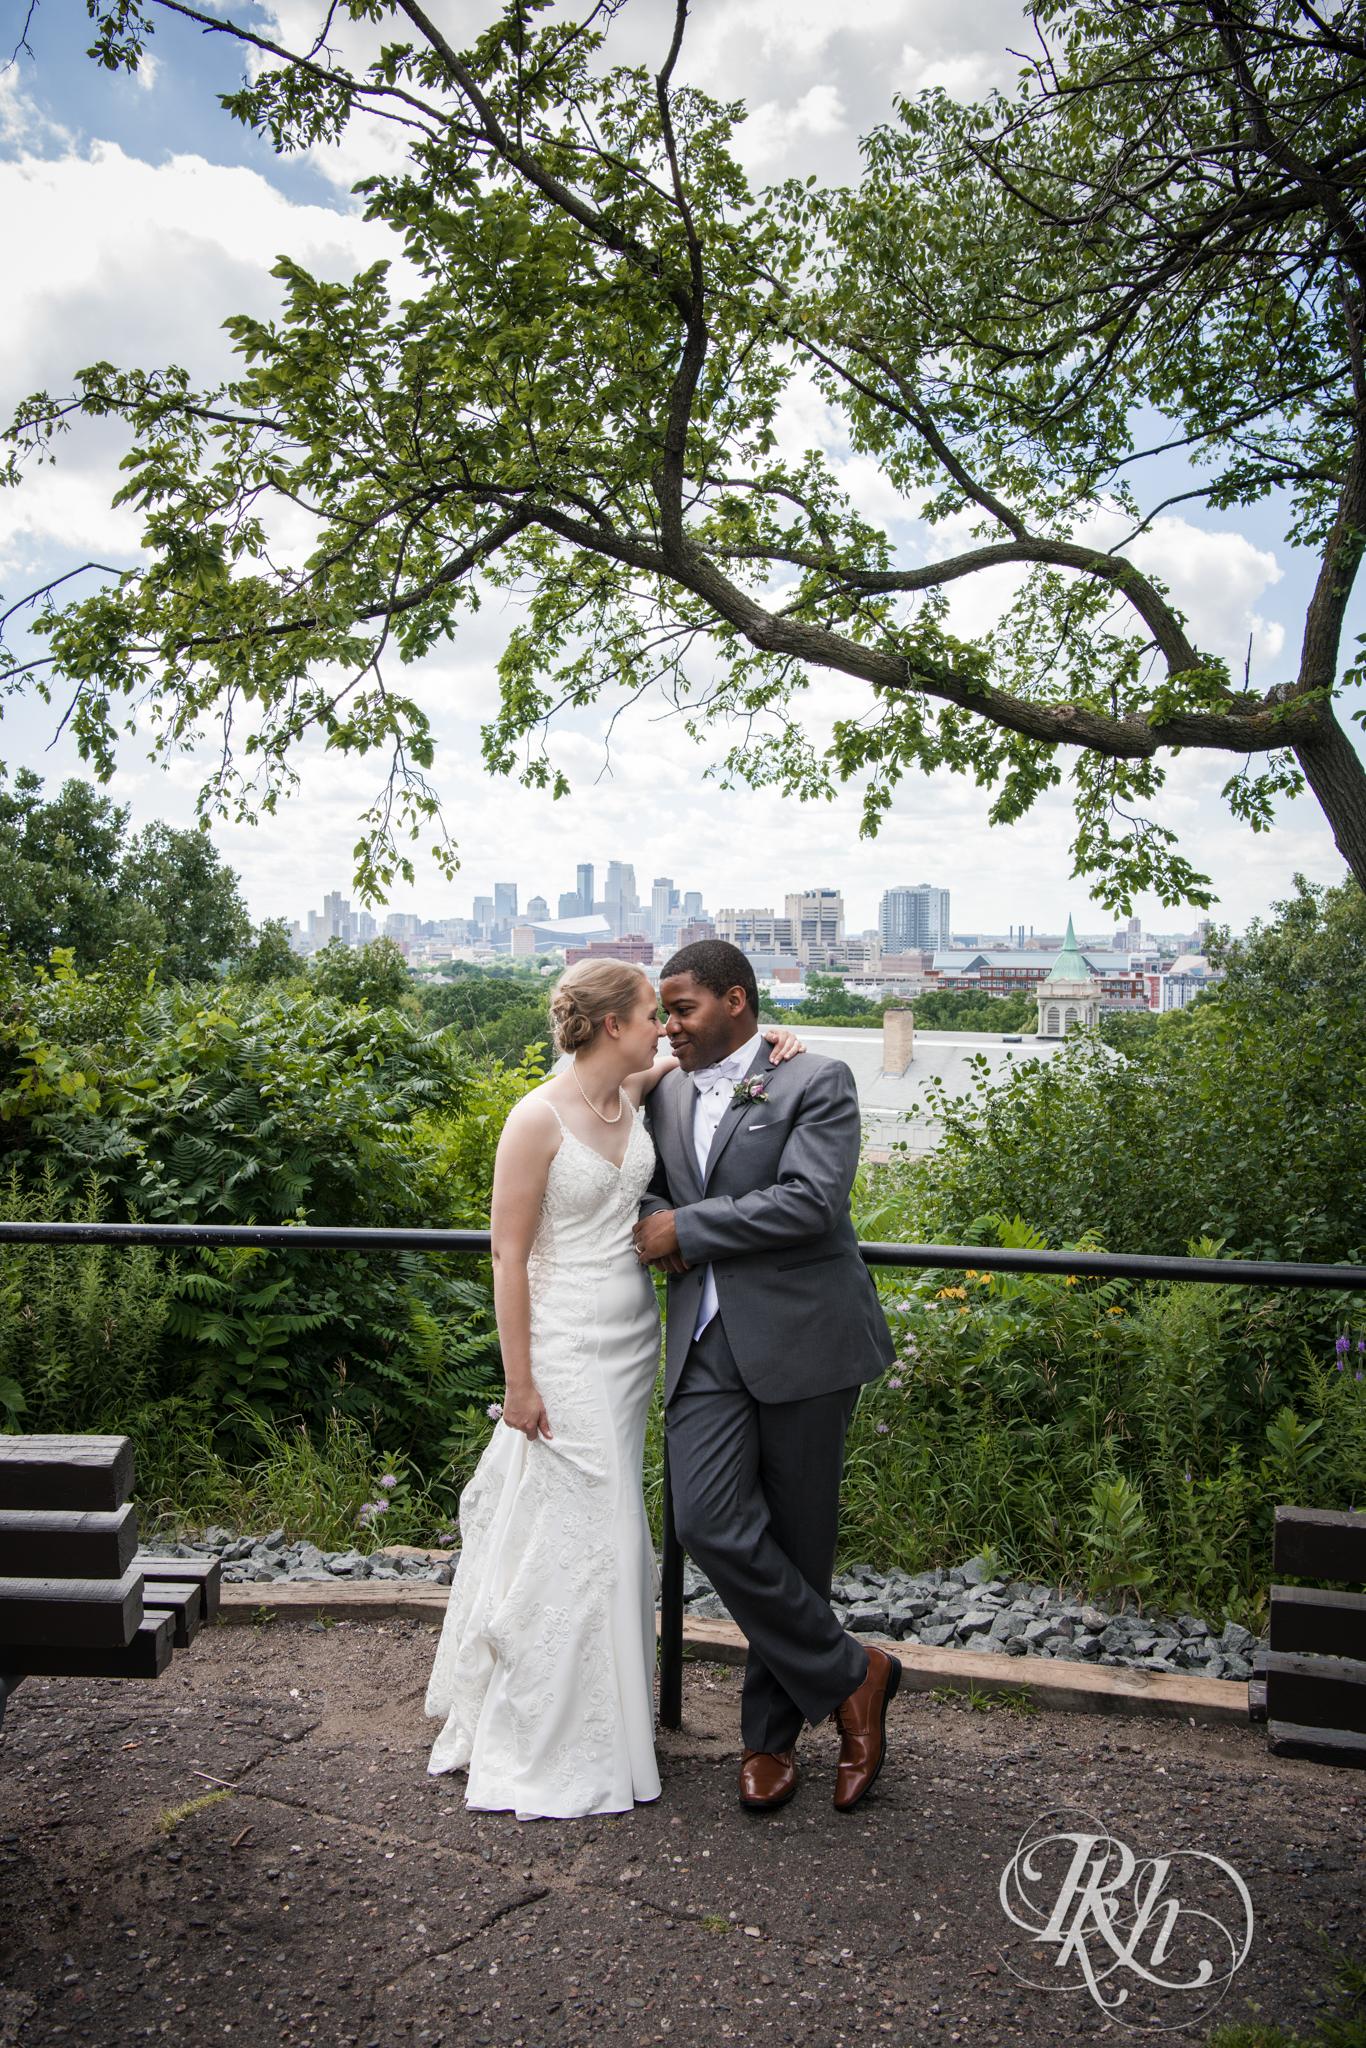 Laura and Adekunle - Minnesota Wedding Photographer - Minnesota History Center - RKH Images - Blog (29 of 75).jpg